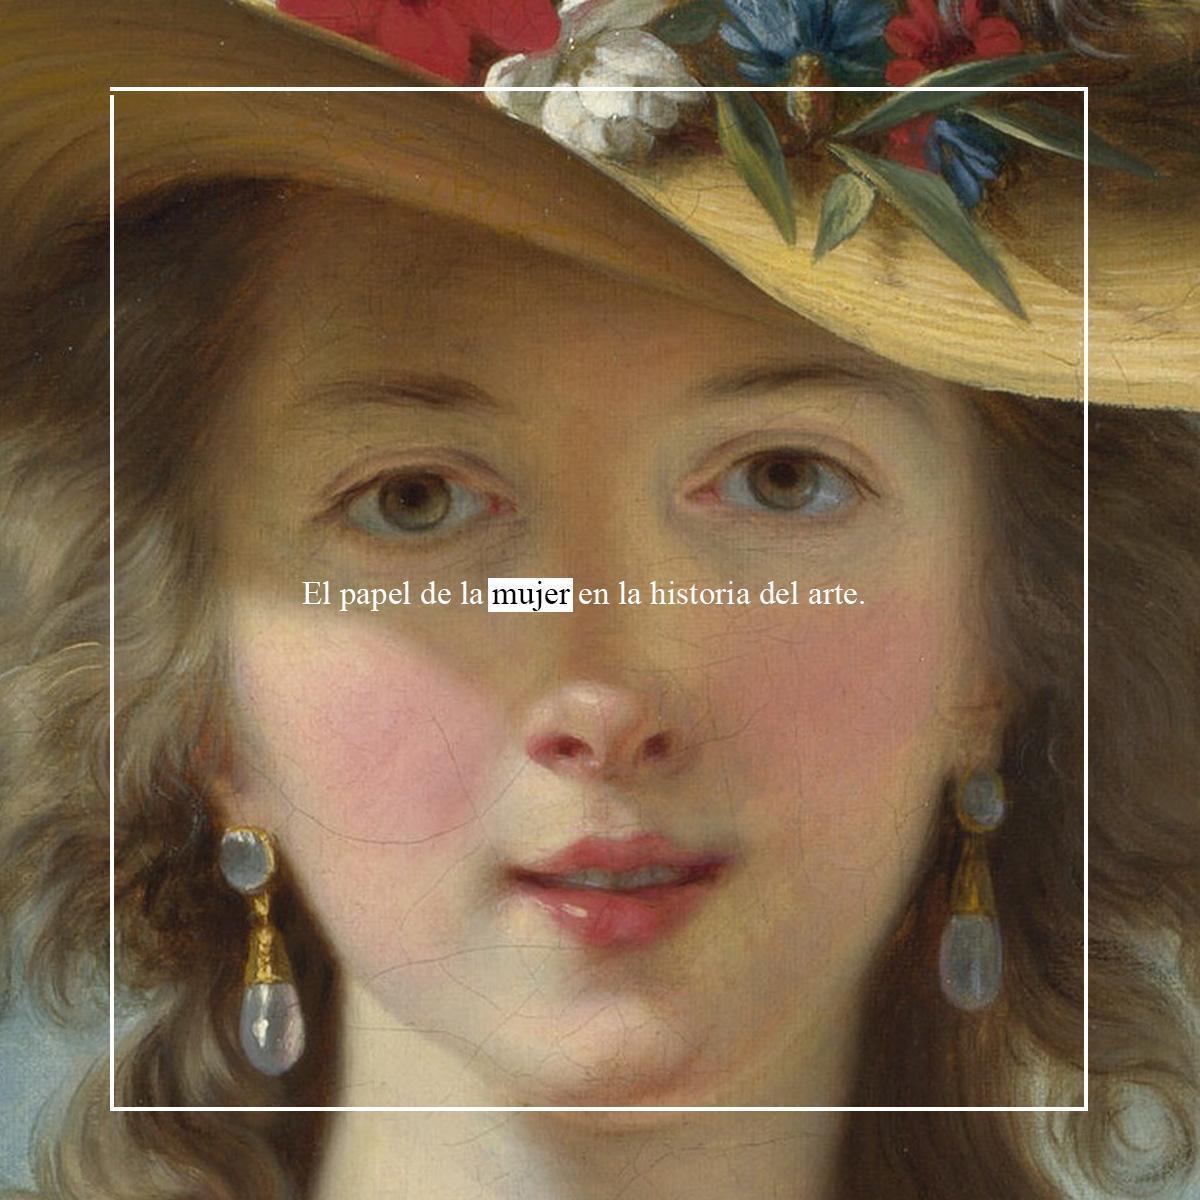 historia de la mujer en el arte